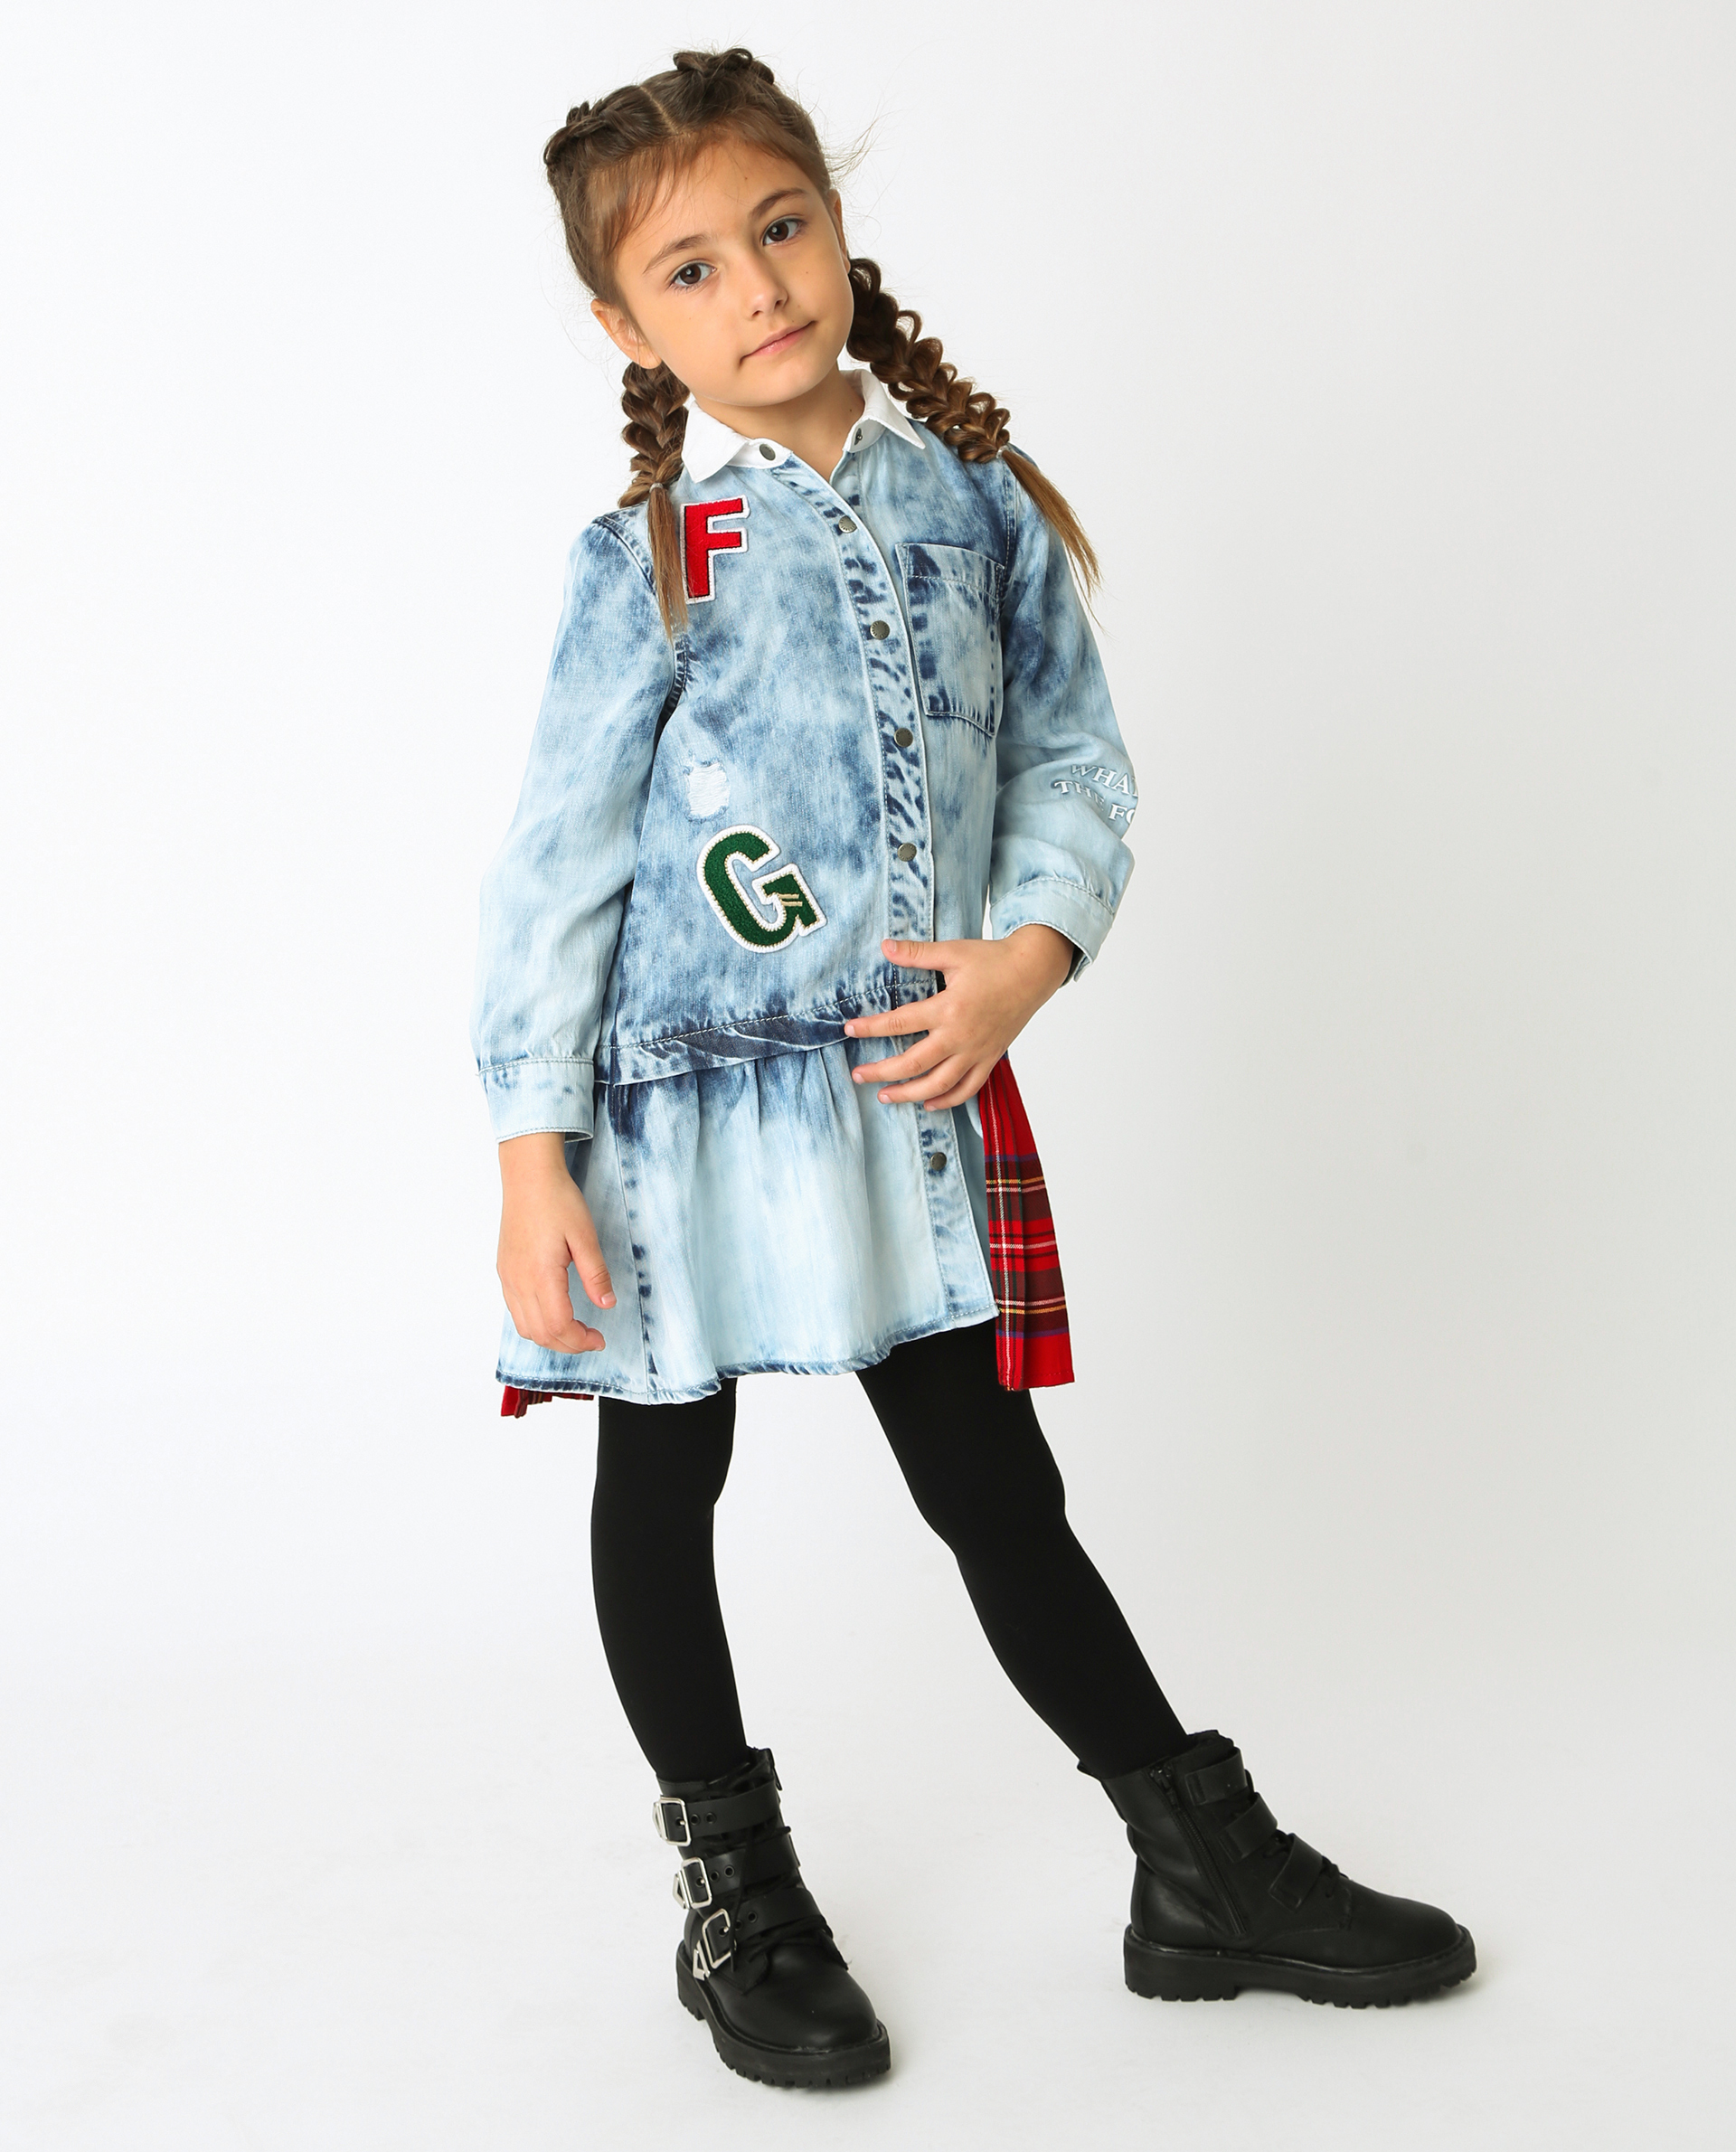 Купить 22002GMC2501, Голубое платье Gulliver, голубой, 116, Хлопок, Женский, Демисезон, ОСЕНЬ/ЗИМА 2020-2021 (shop: GulliverMarket Gulliver Market)